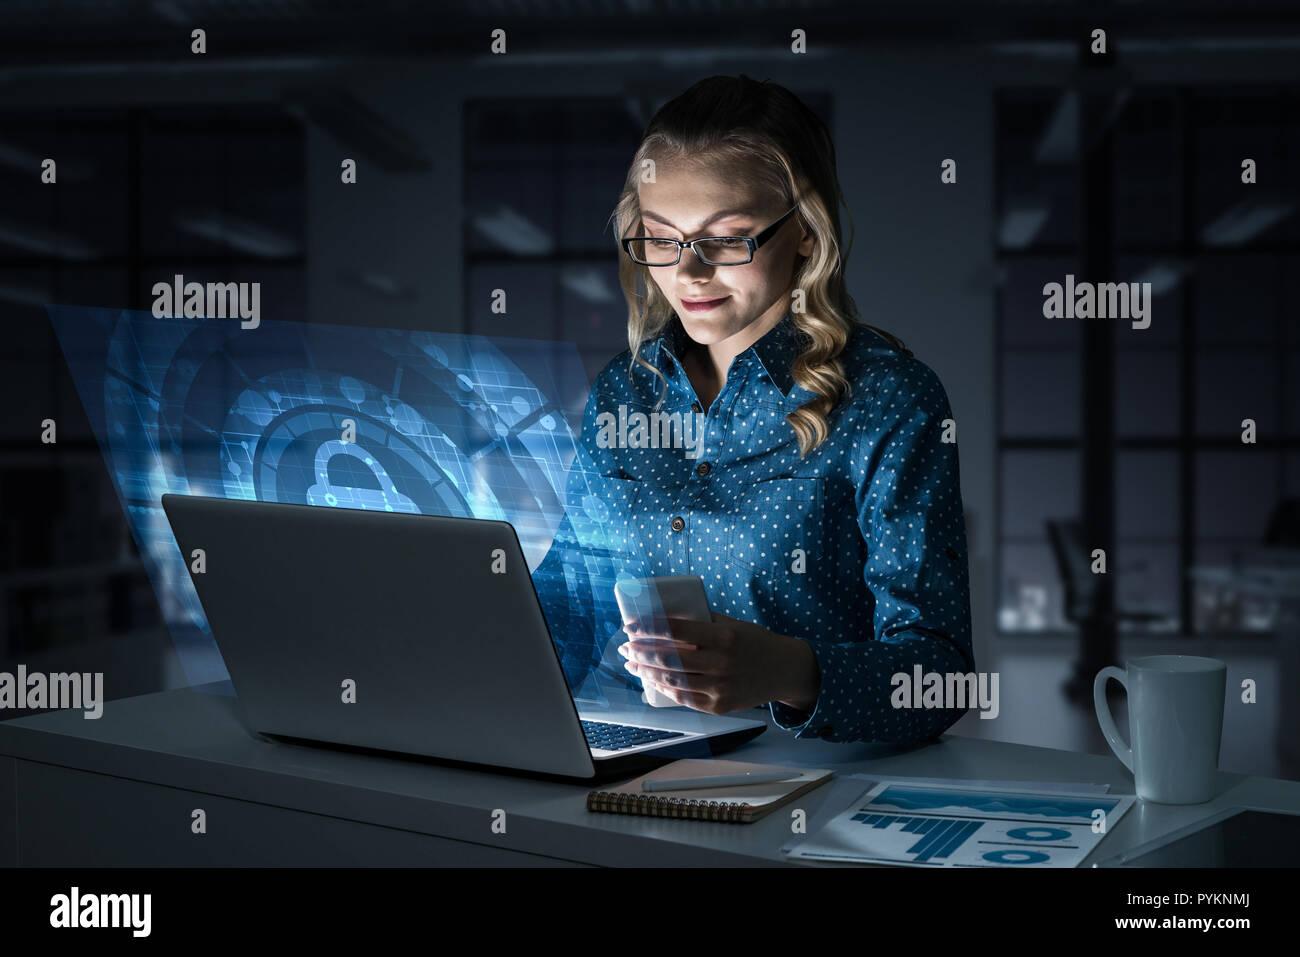 Schöne Blondine in dunklen Büro Arbeiten am Laptop und ne Stockbild